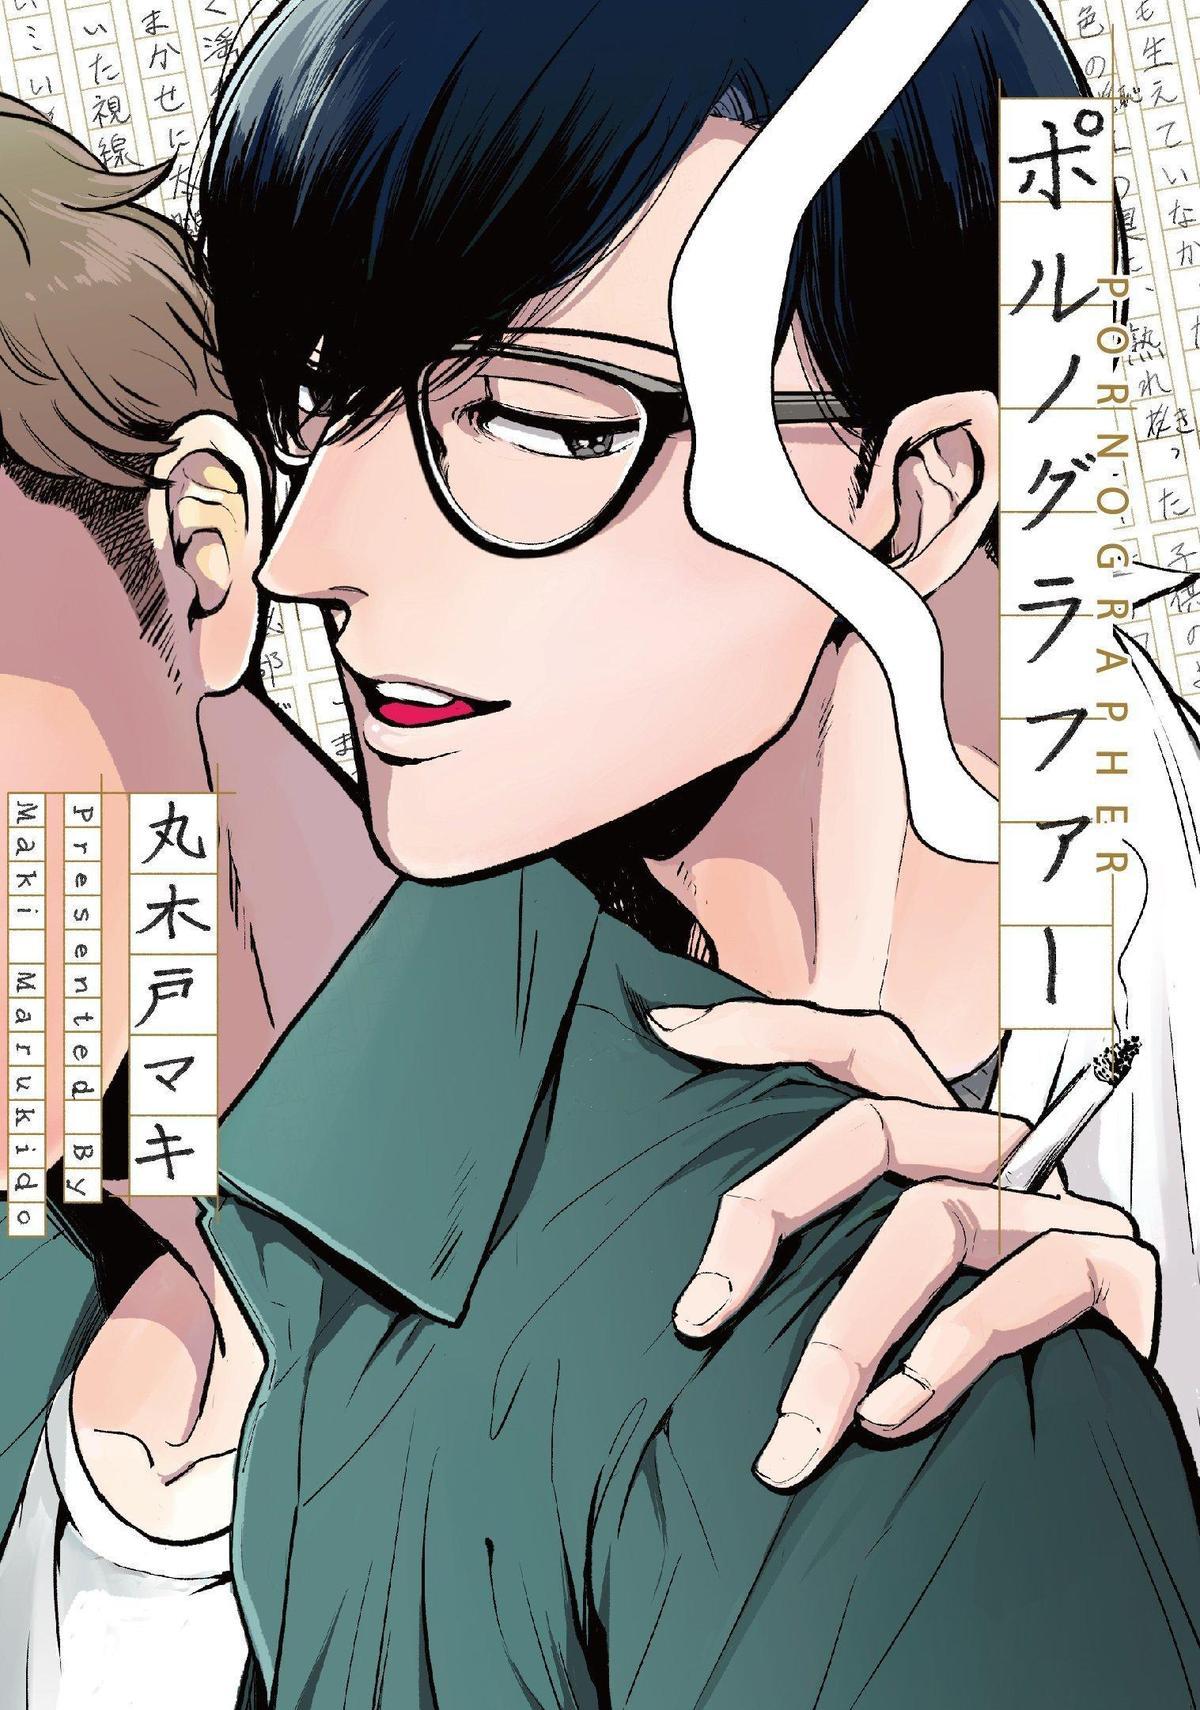 《情色小說家》改編自同名漫畫,還原度極高。(Choco TV提供)